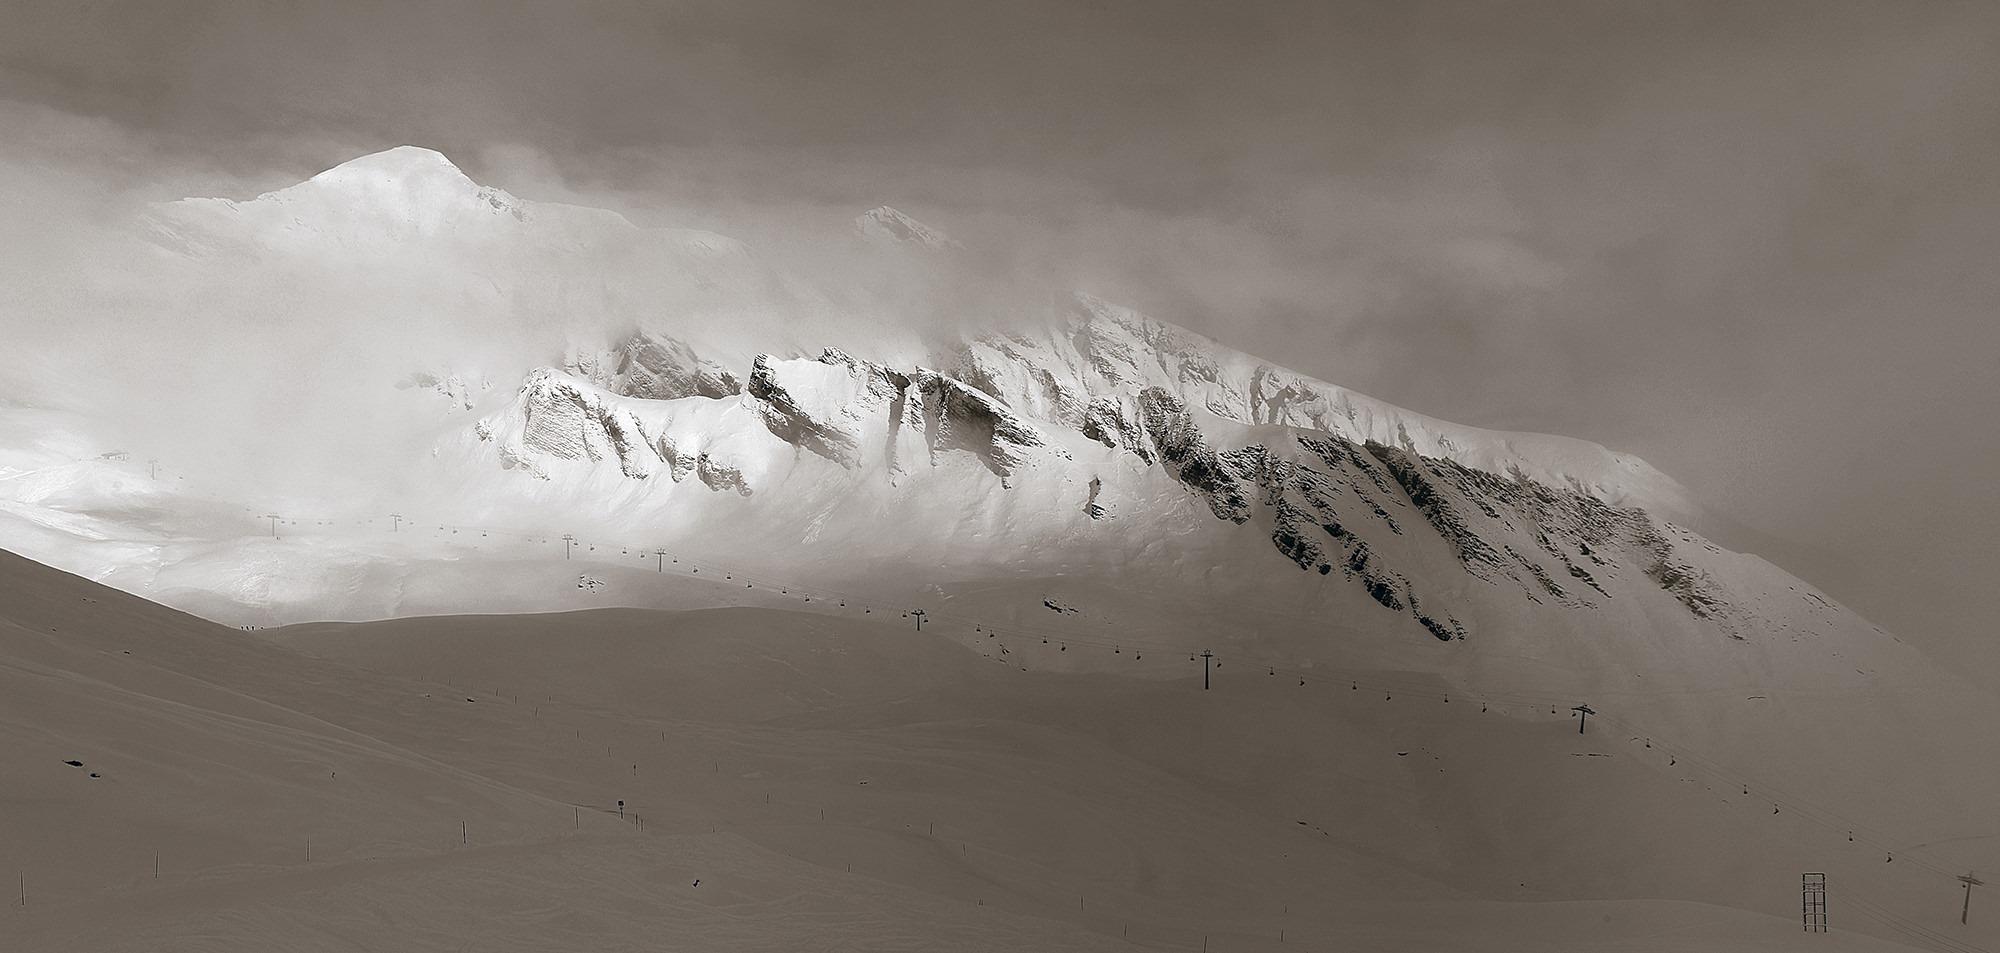 Kostenlose foto : Sand, Rock, Berg, kalt, Winter, Flügel, Wolke ...